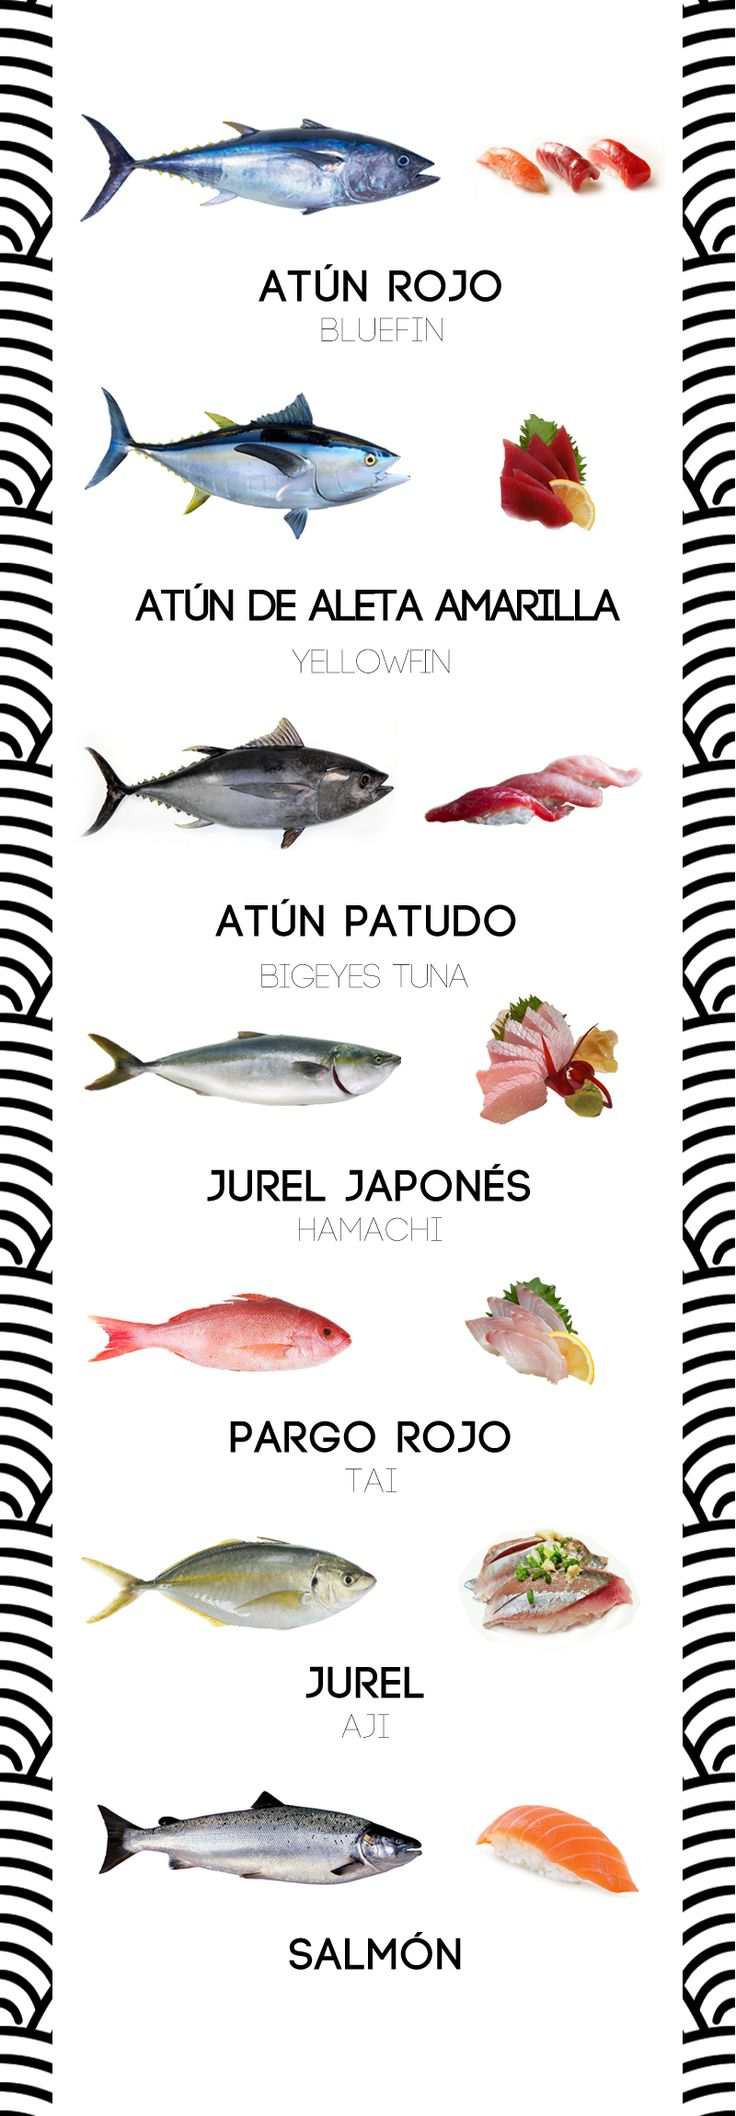 Aquí los siete pescados estrella en un bar de sushi: atún rojo, patudo, atún de aleta amarilla, pargo, jurel japonés, jurel y salmón. Estos son los siete peces más popular para sushi. El sushi requiere absolutamente el mejor pescado que se pueda conseguir. Cualquiera de los peces en esta li